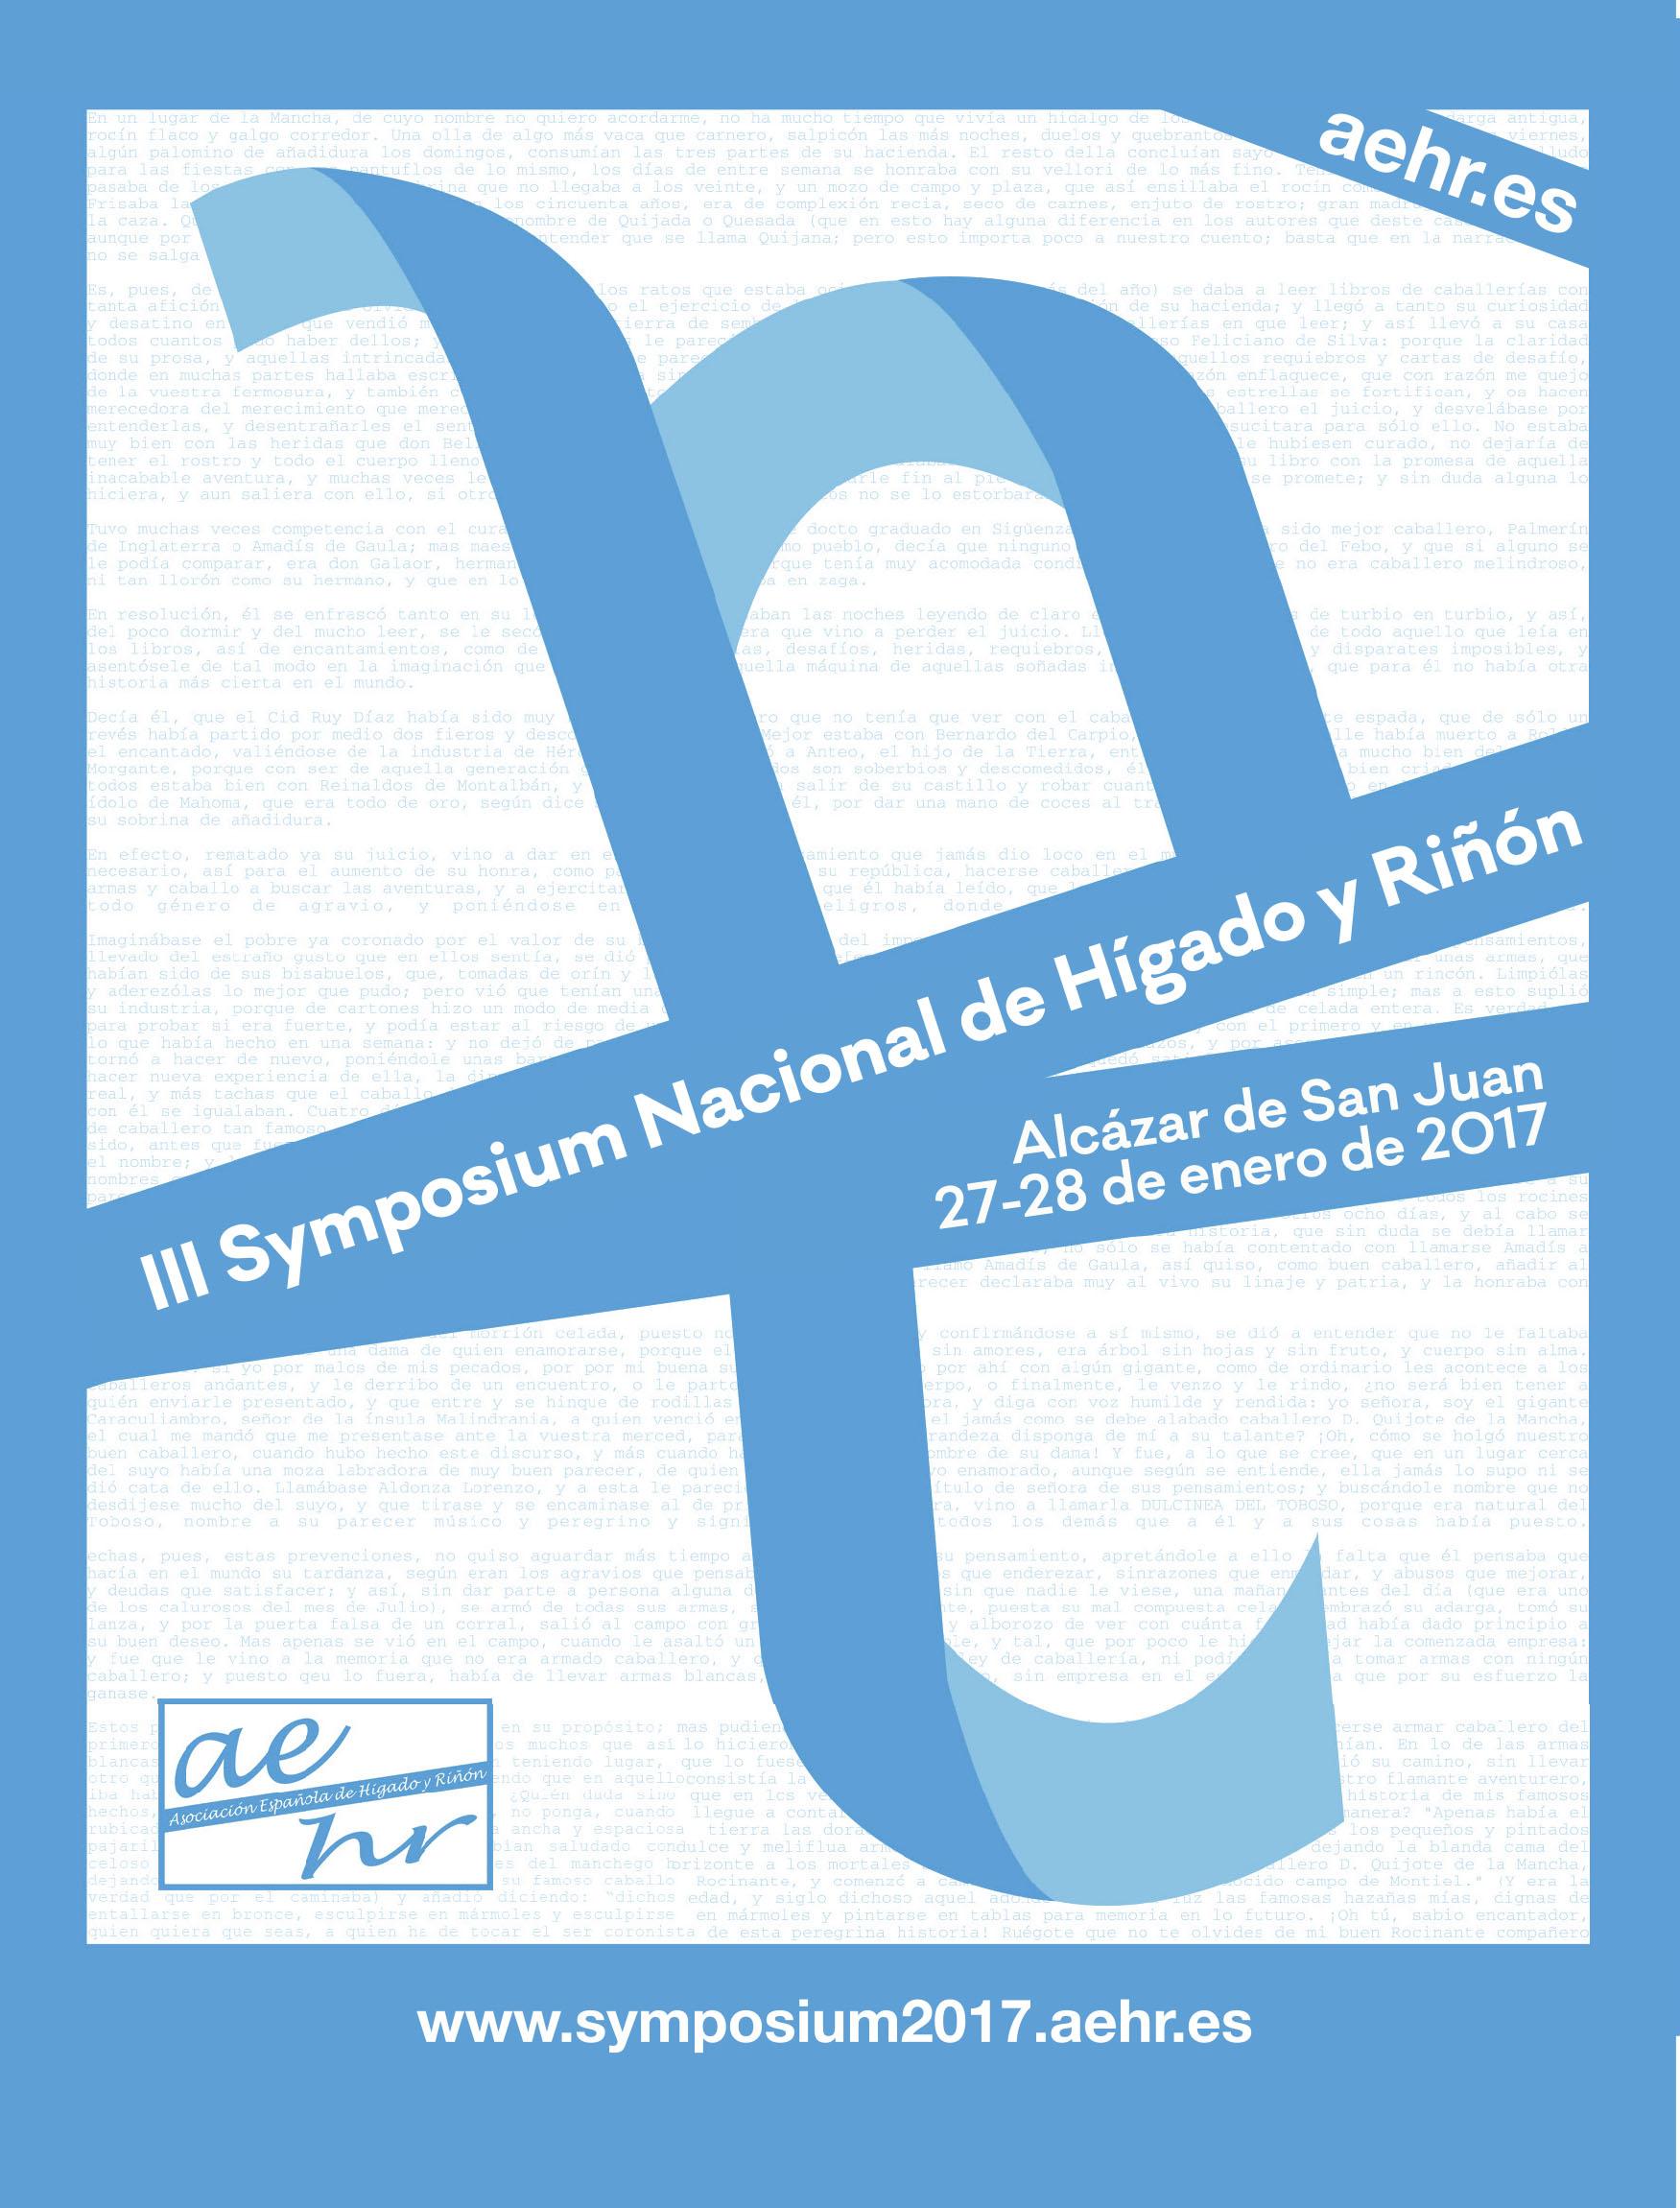 La Asociación Española de Hígado y Riñón contará con la presencia del doctor Fabrizio Fabrizi en su III Symposium Nacional